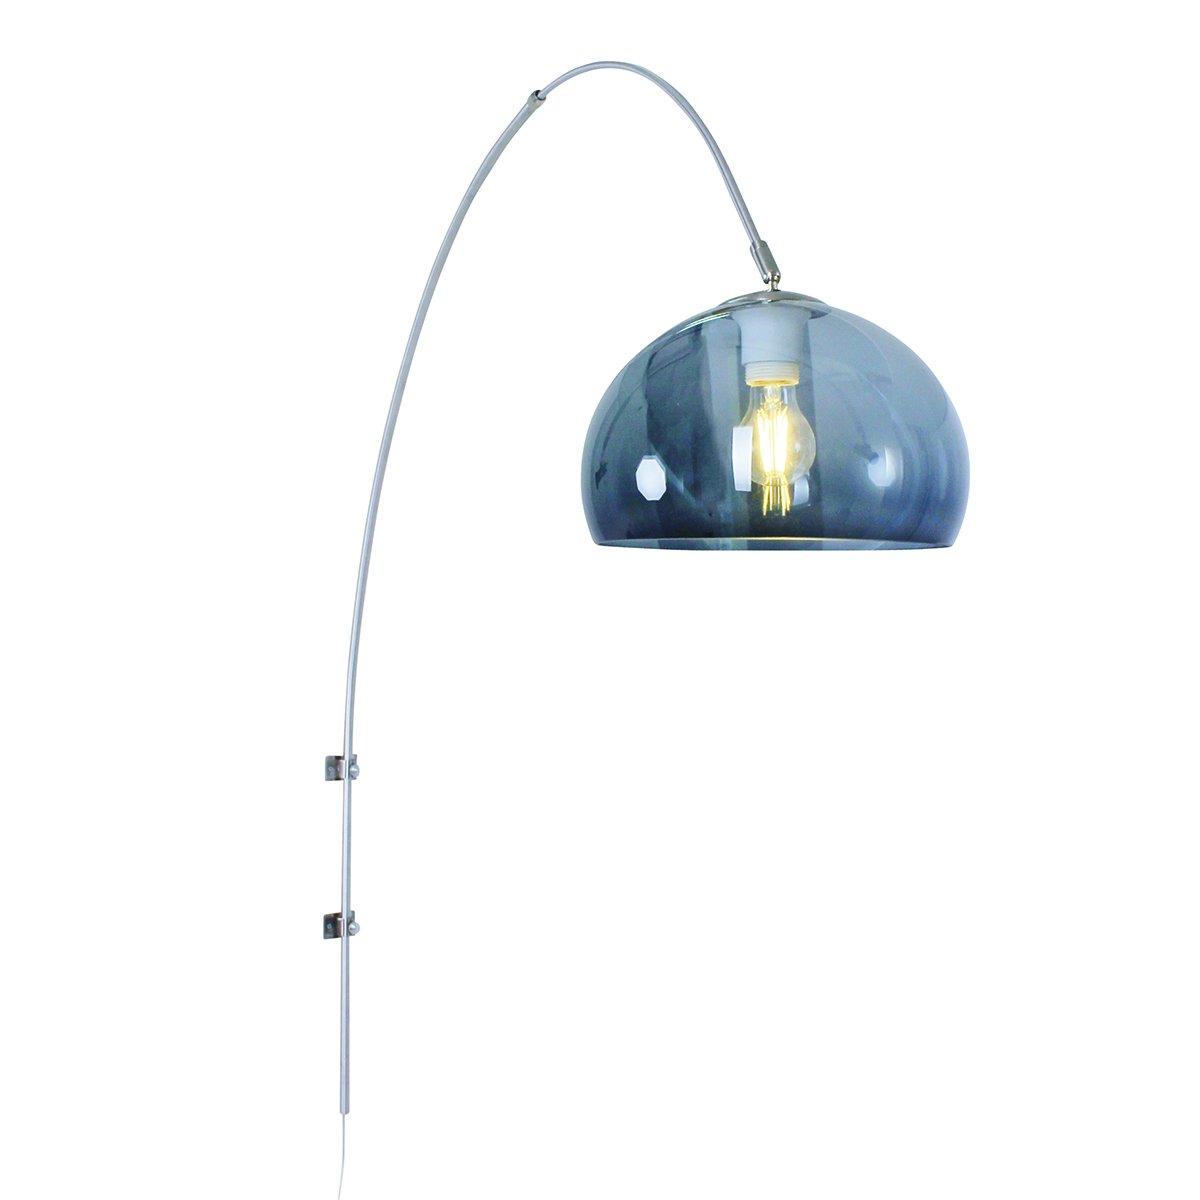 Steinhauer Wand booglamp Gramineus 32 Steinhauer 9938ST